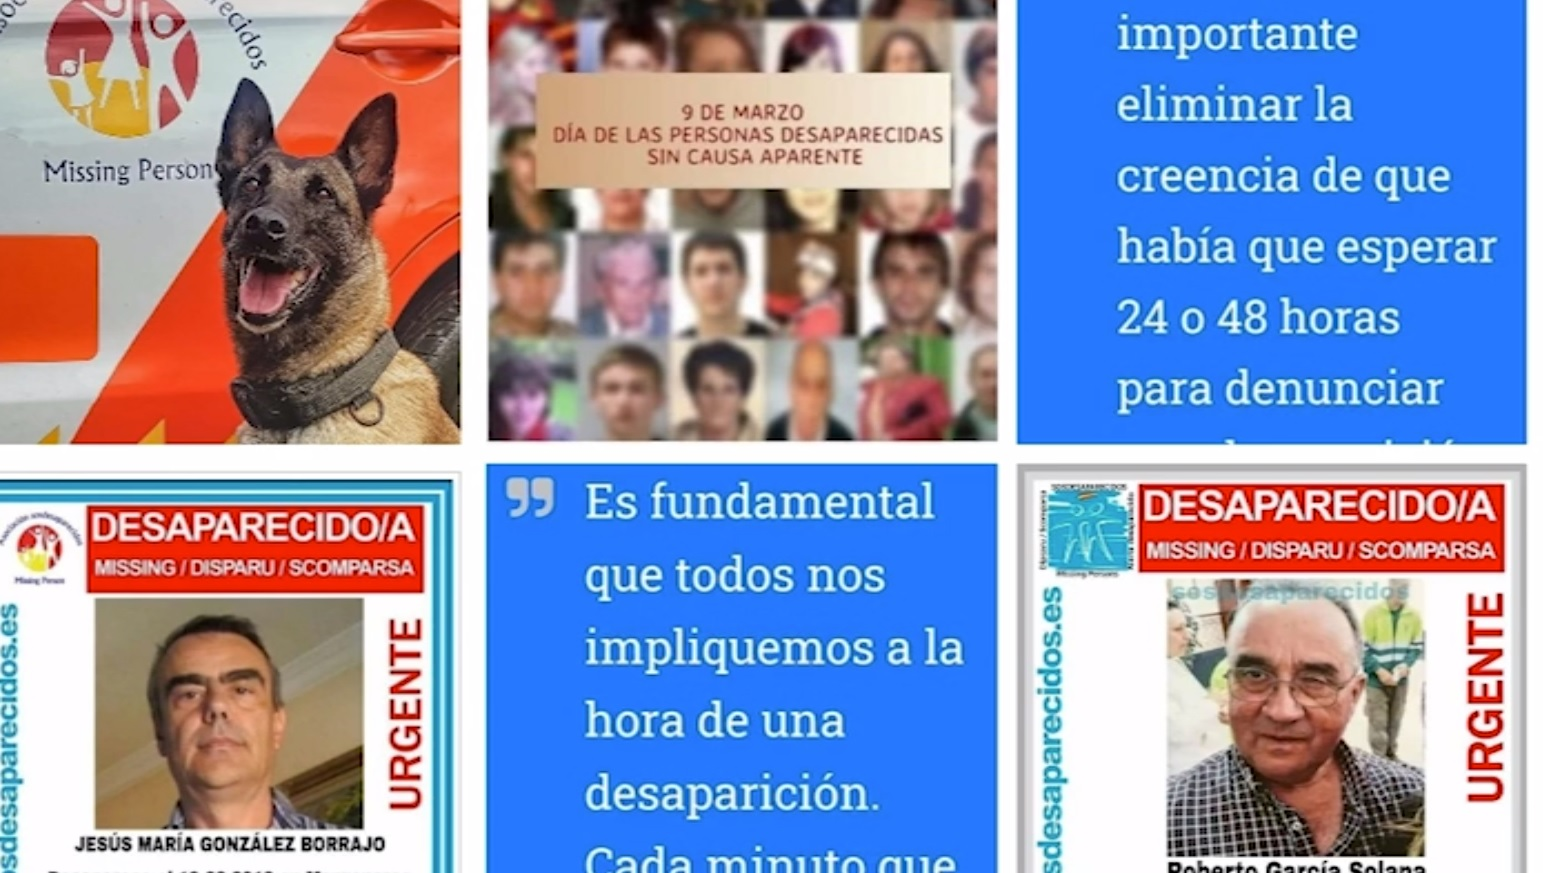 9 de marzo Día de las personas desaparecidas sin causa aparente